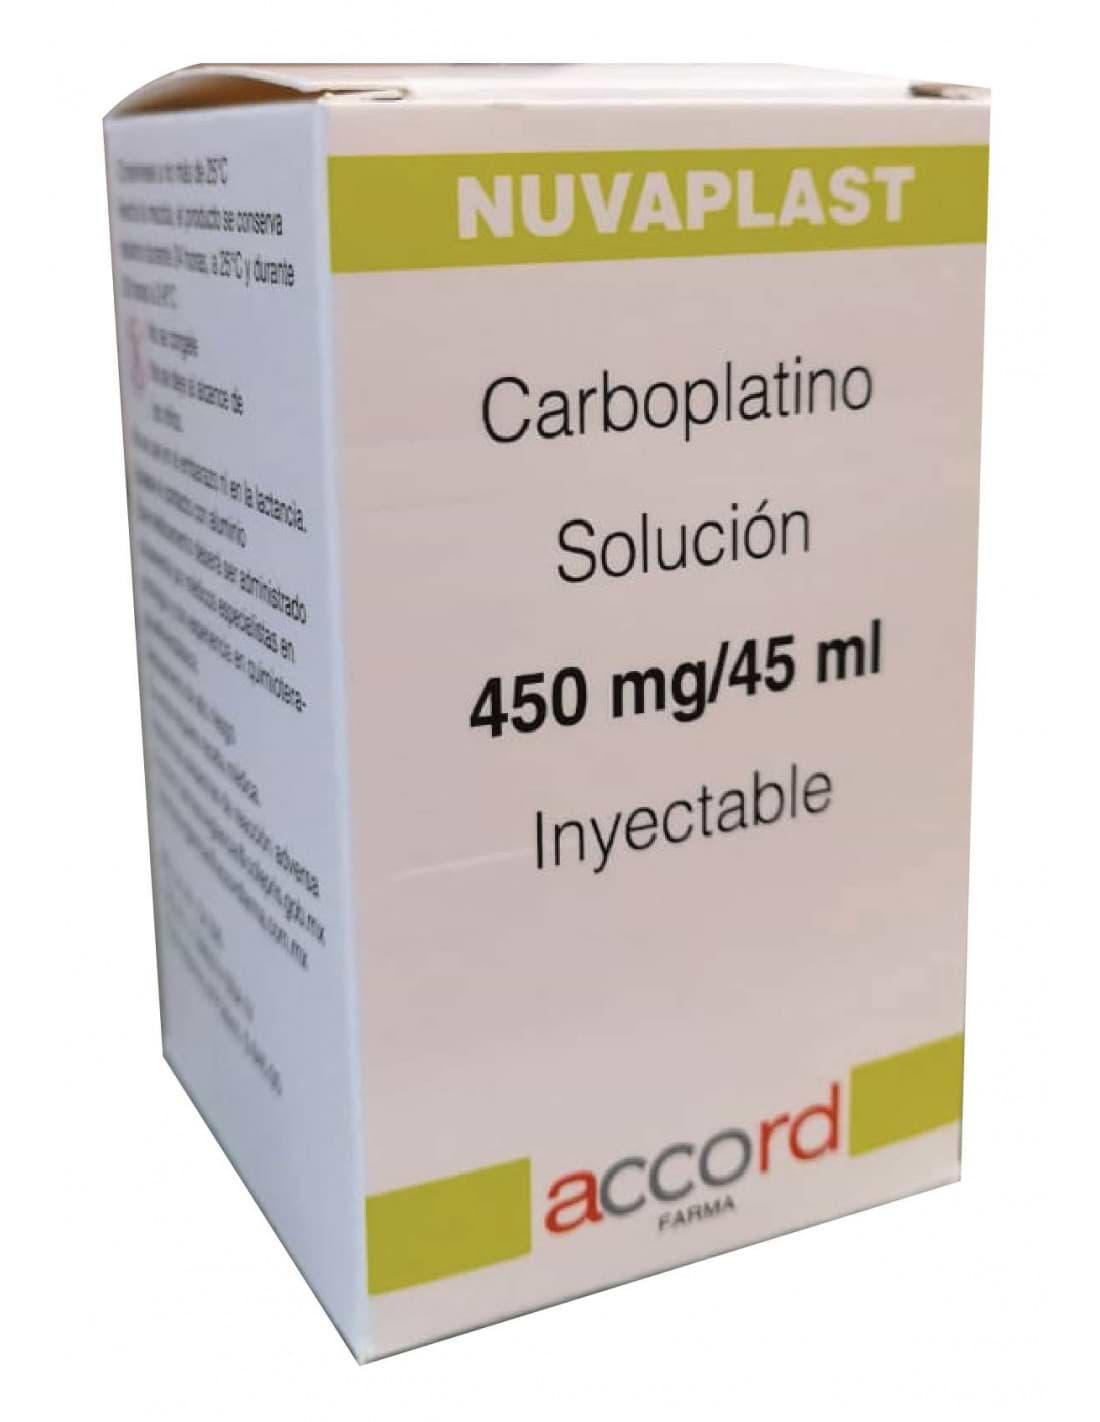 Carboplatino 450 mg al precio más conveniente